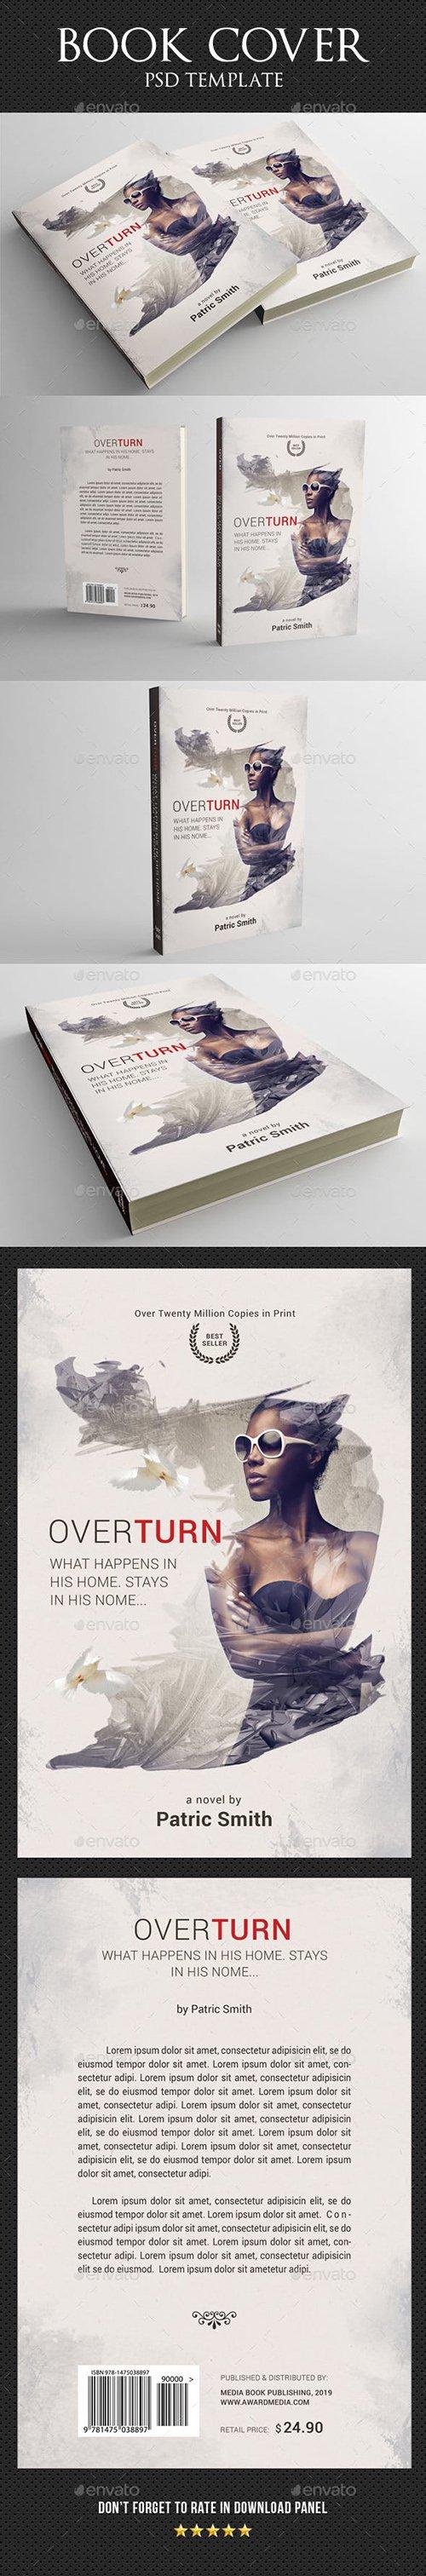 GraphicRiver - Book Cover Template 61 23379128